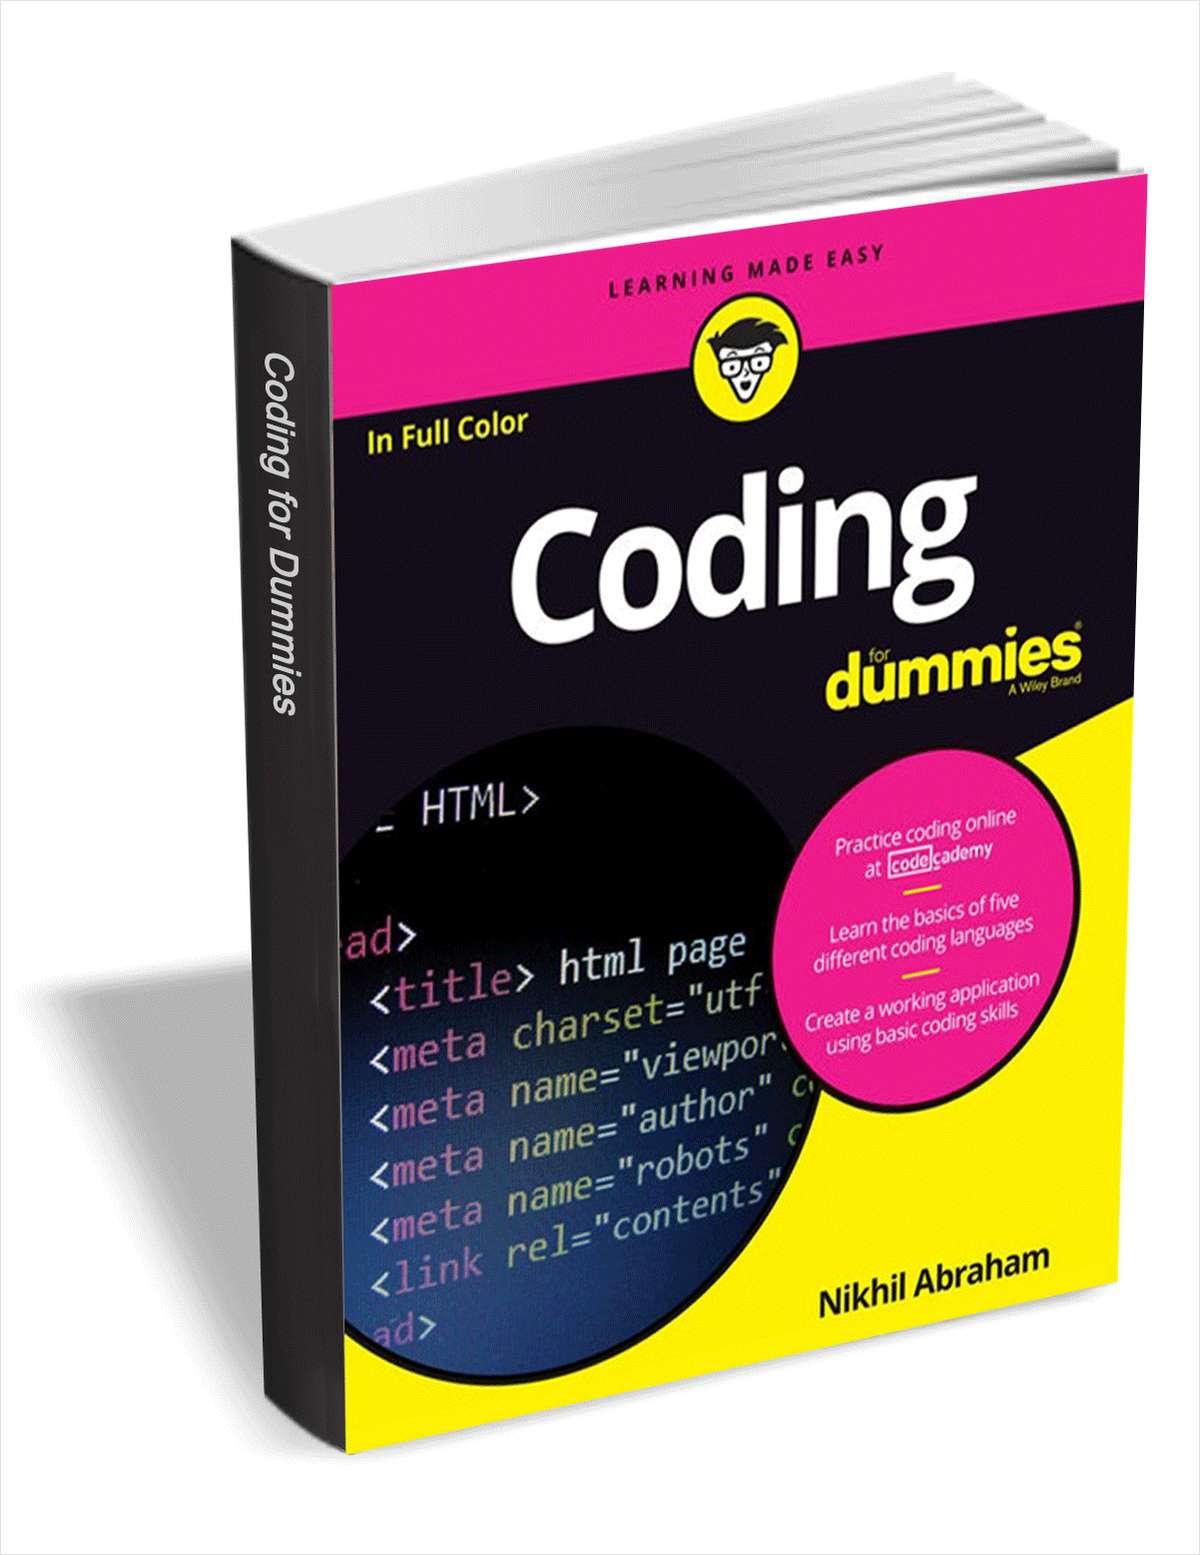 Coding For Dummies (eBook) kostenlos statt 20€